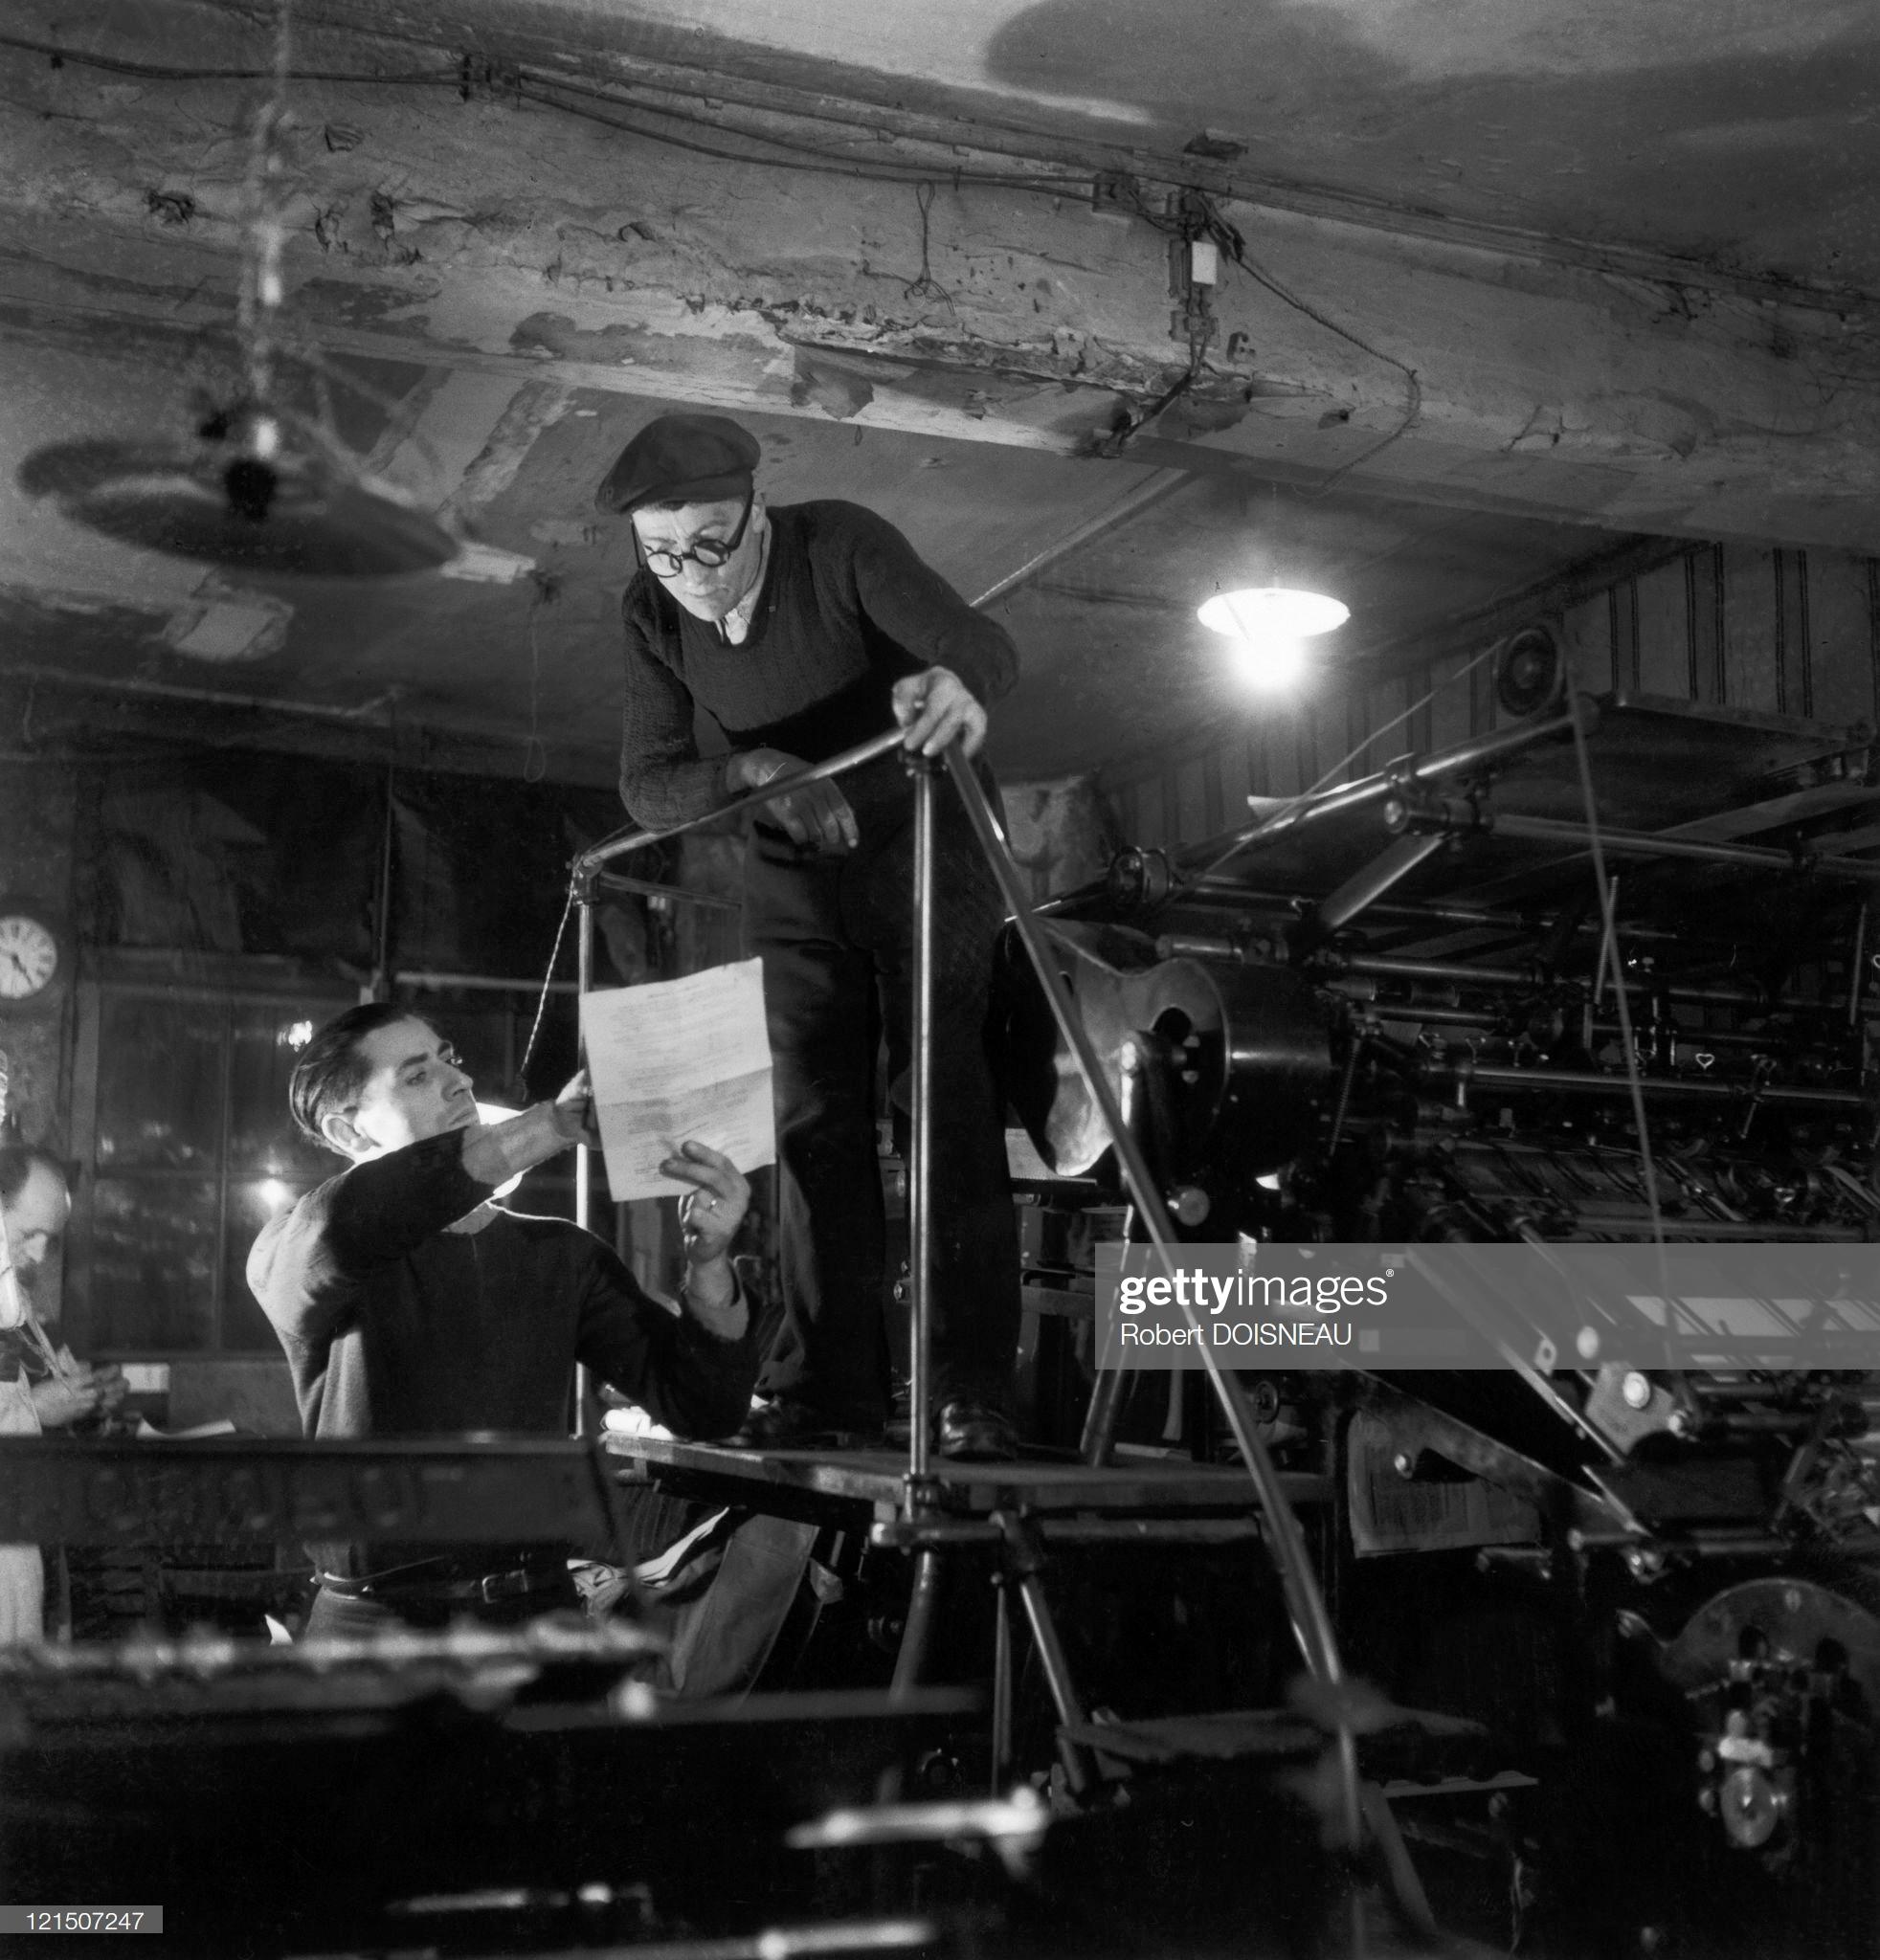 1945. Оккупация Парижа. Район мэрии, Вайлан и его сын печатают листовки для подпольных организаций (реконструкция)